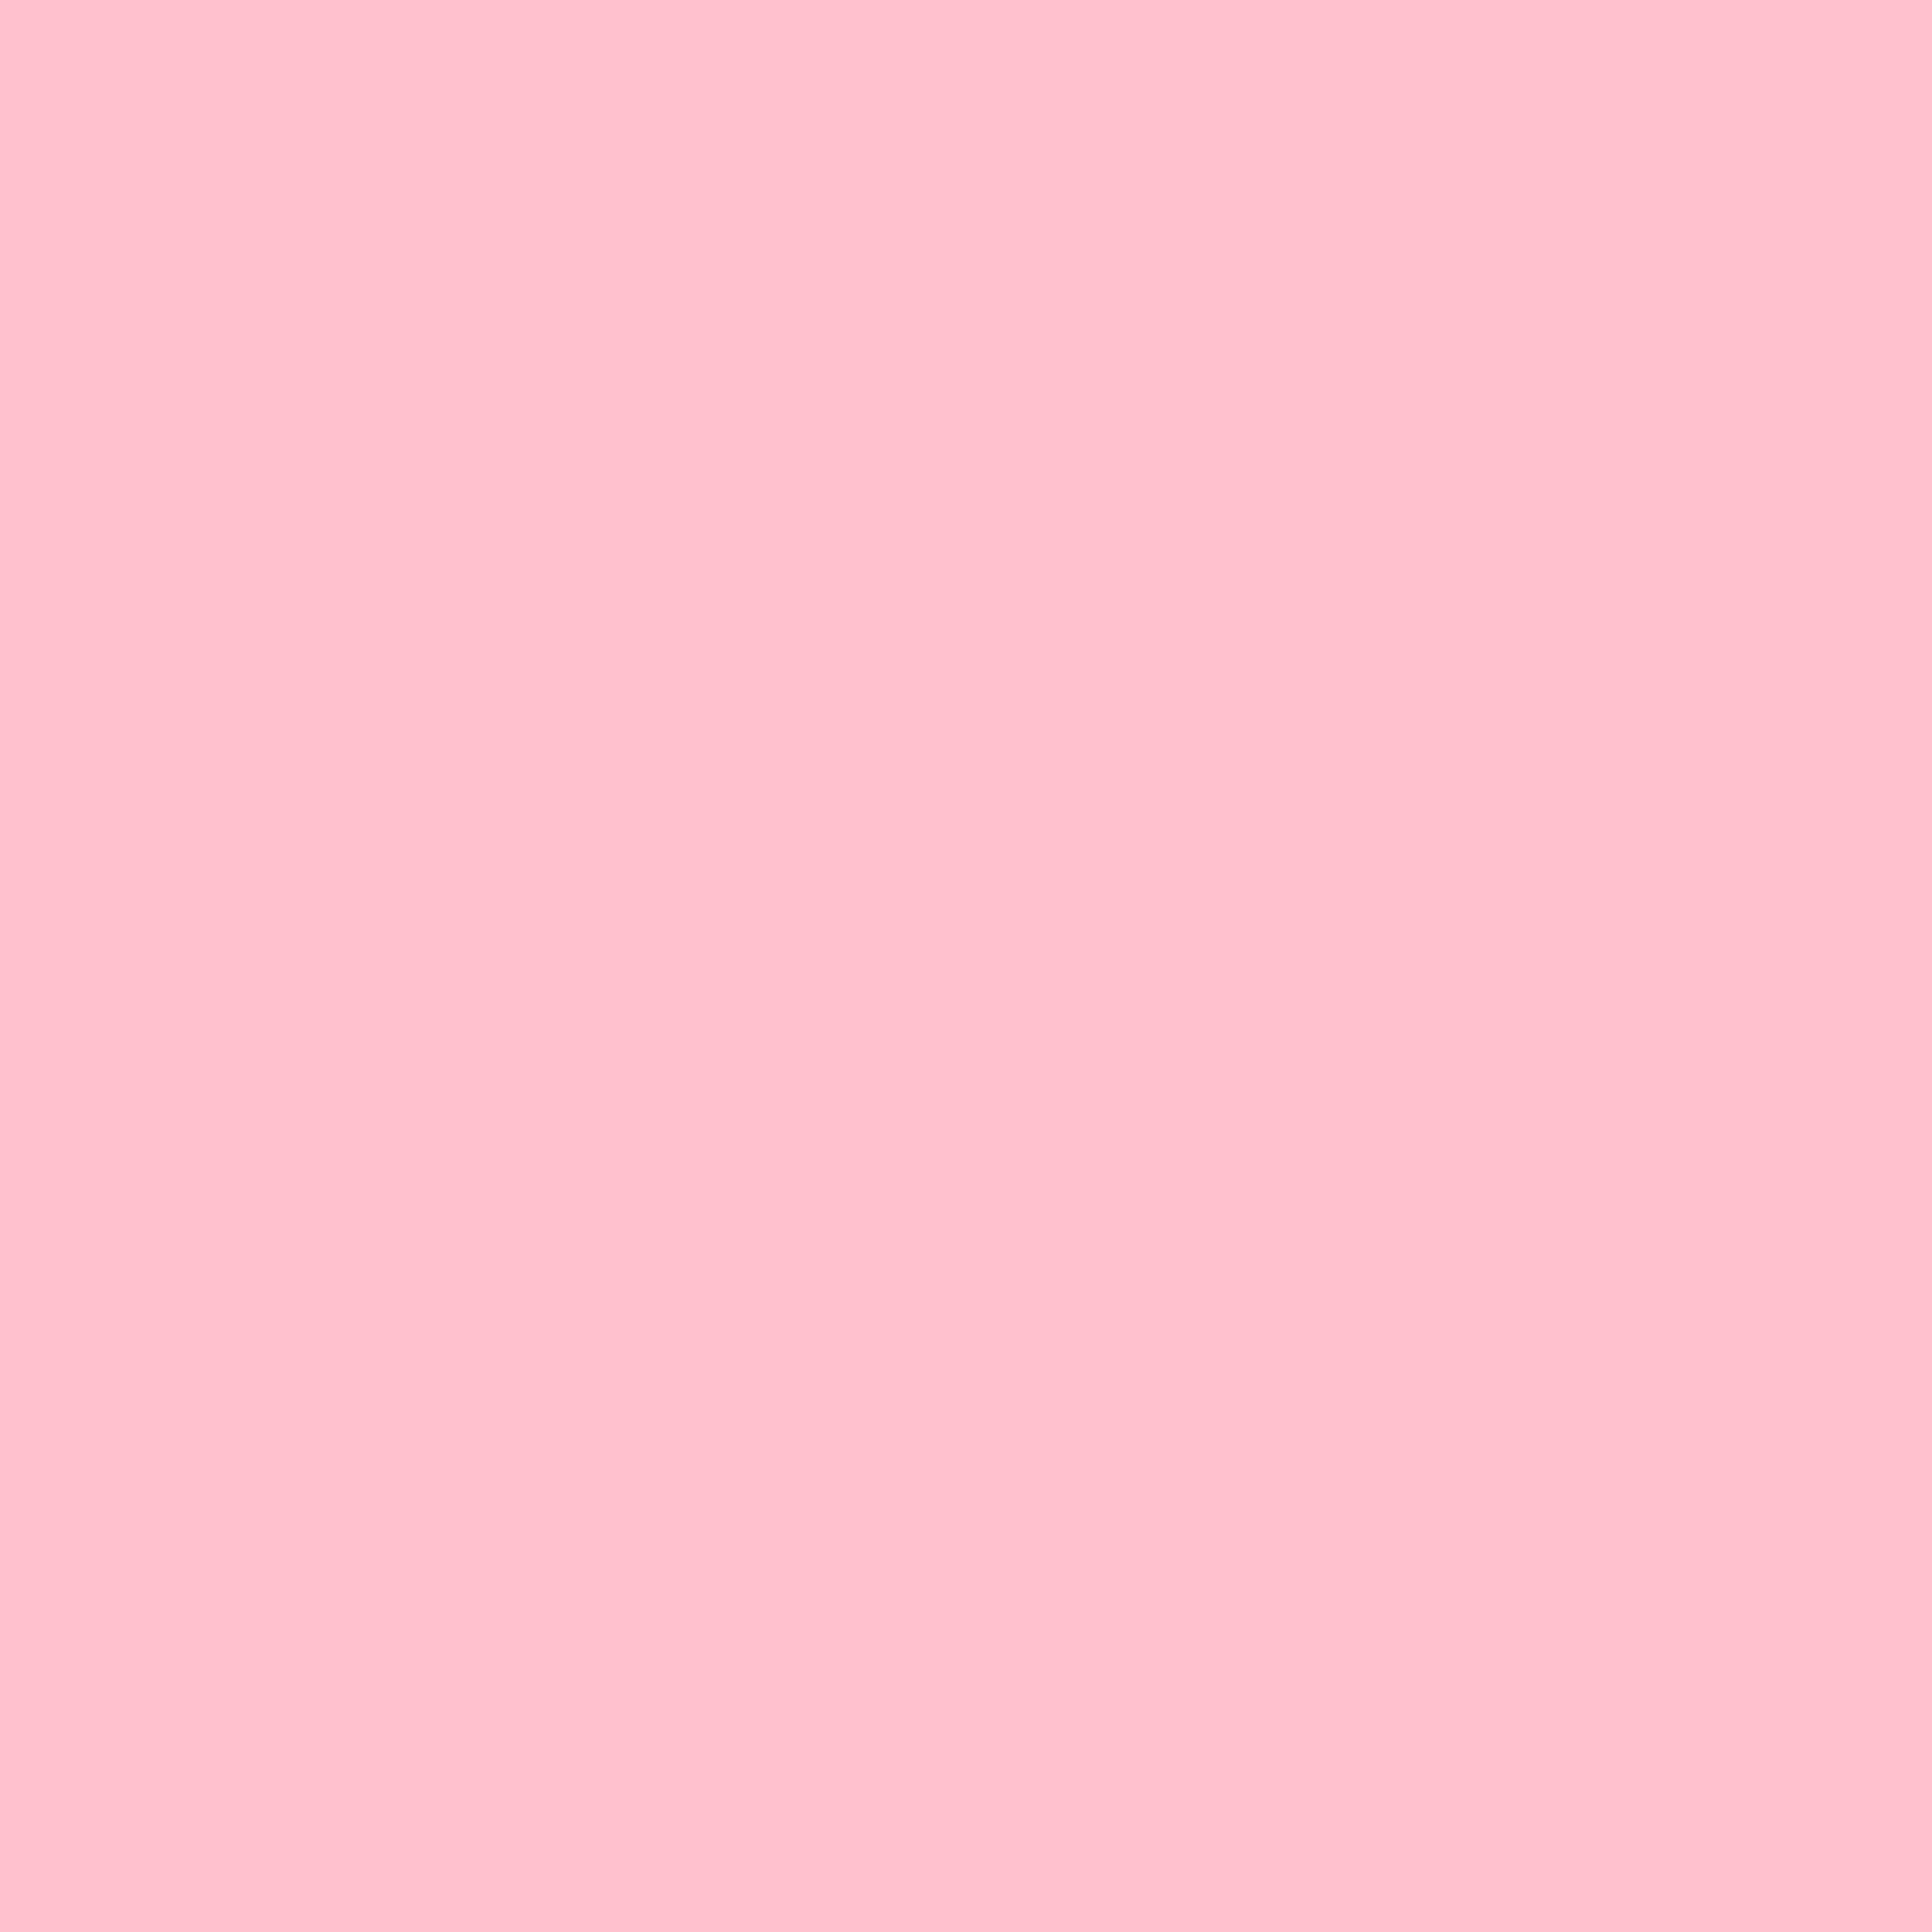 2048x2048 Bubble Gum Solid Color Background